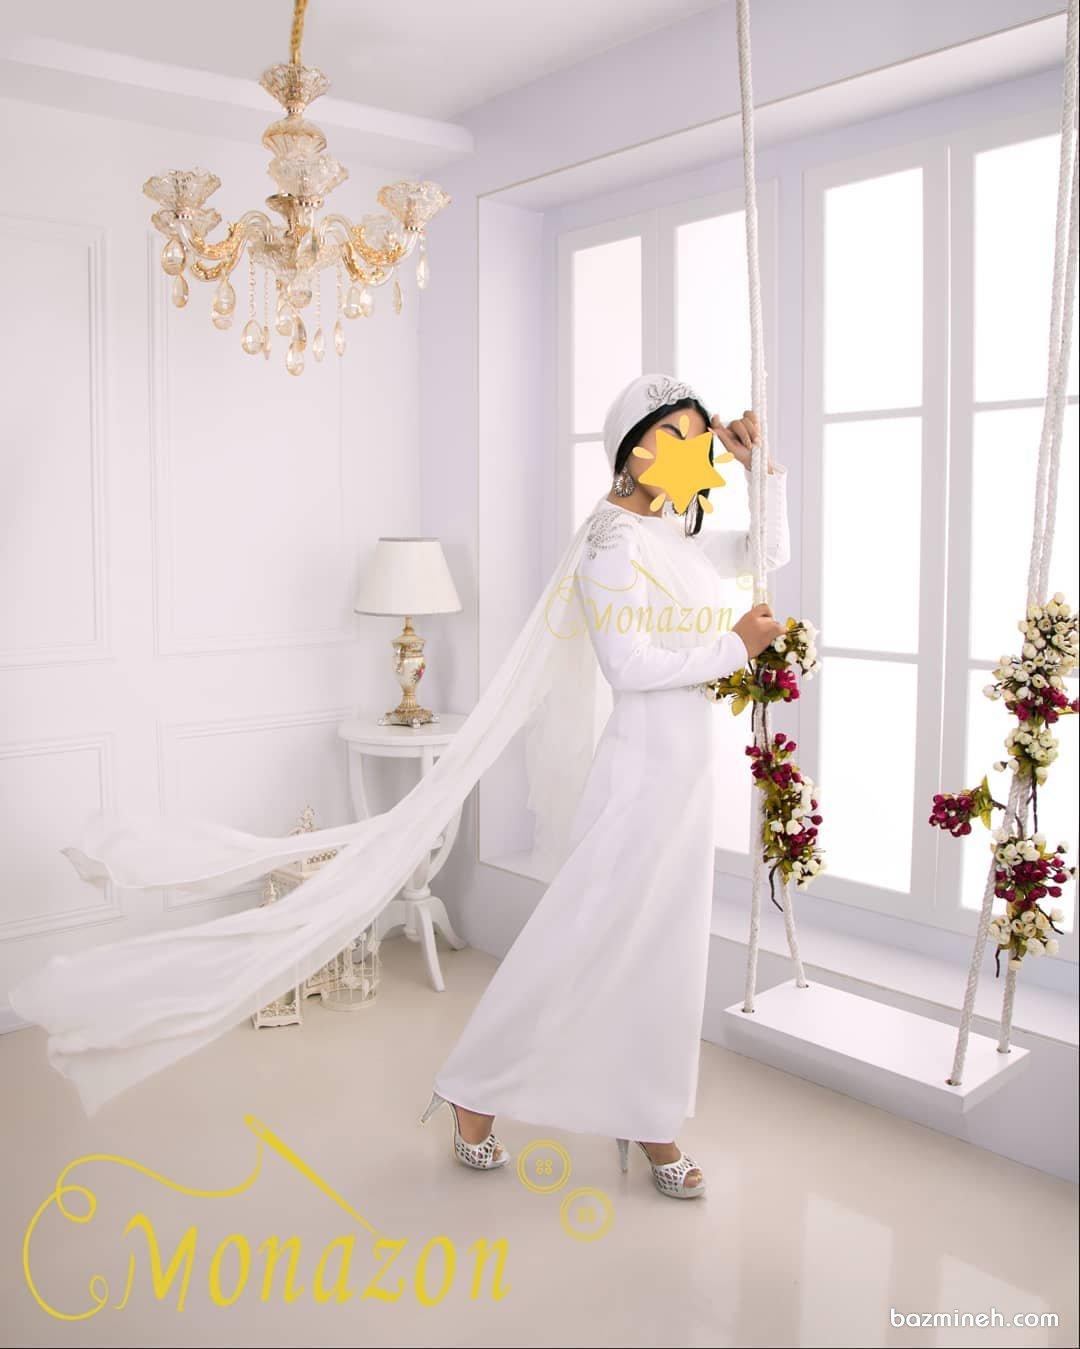 پیراهن عقد ماکسی پوشیده با دنباله حریر مدلی زیبا برای خانمهای خوشاندام